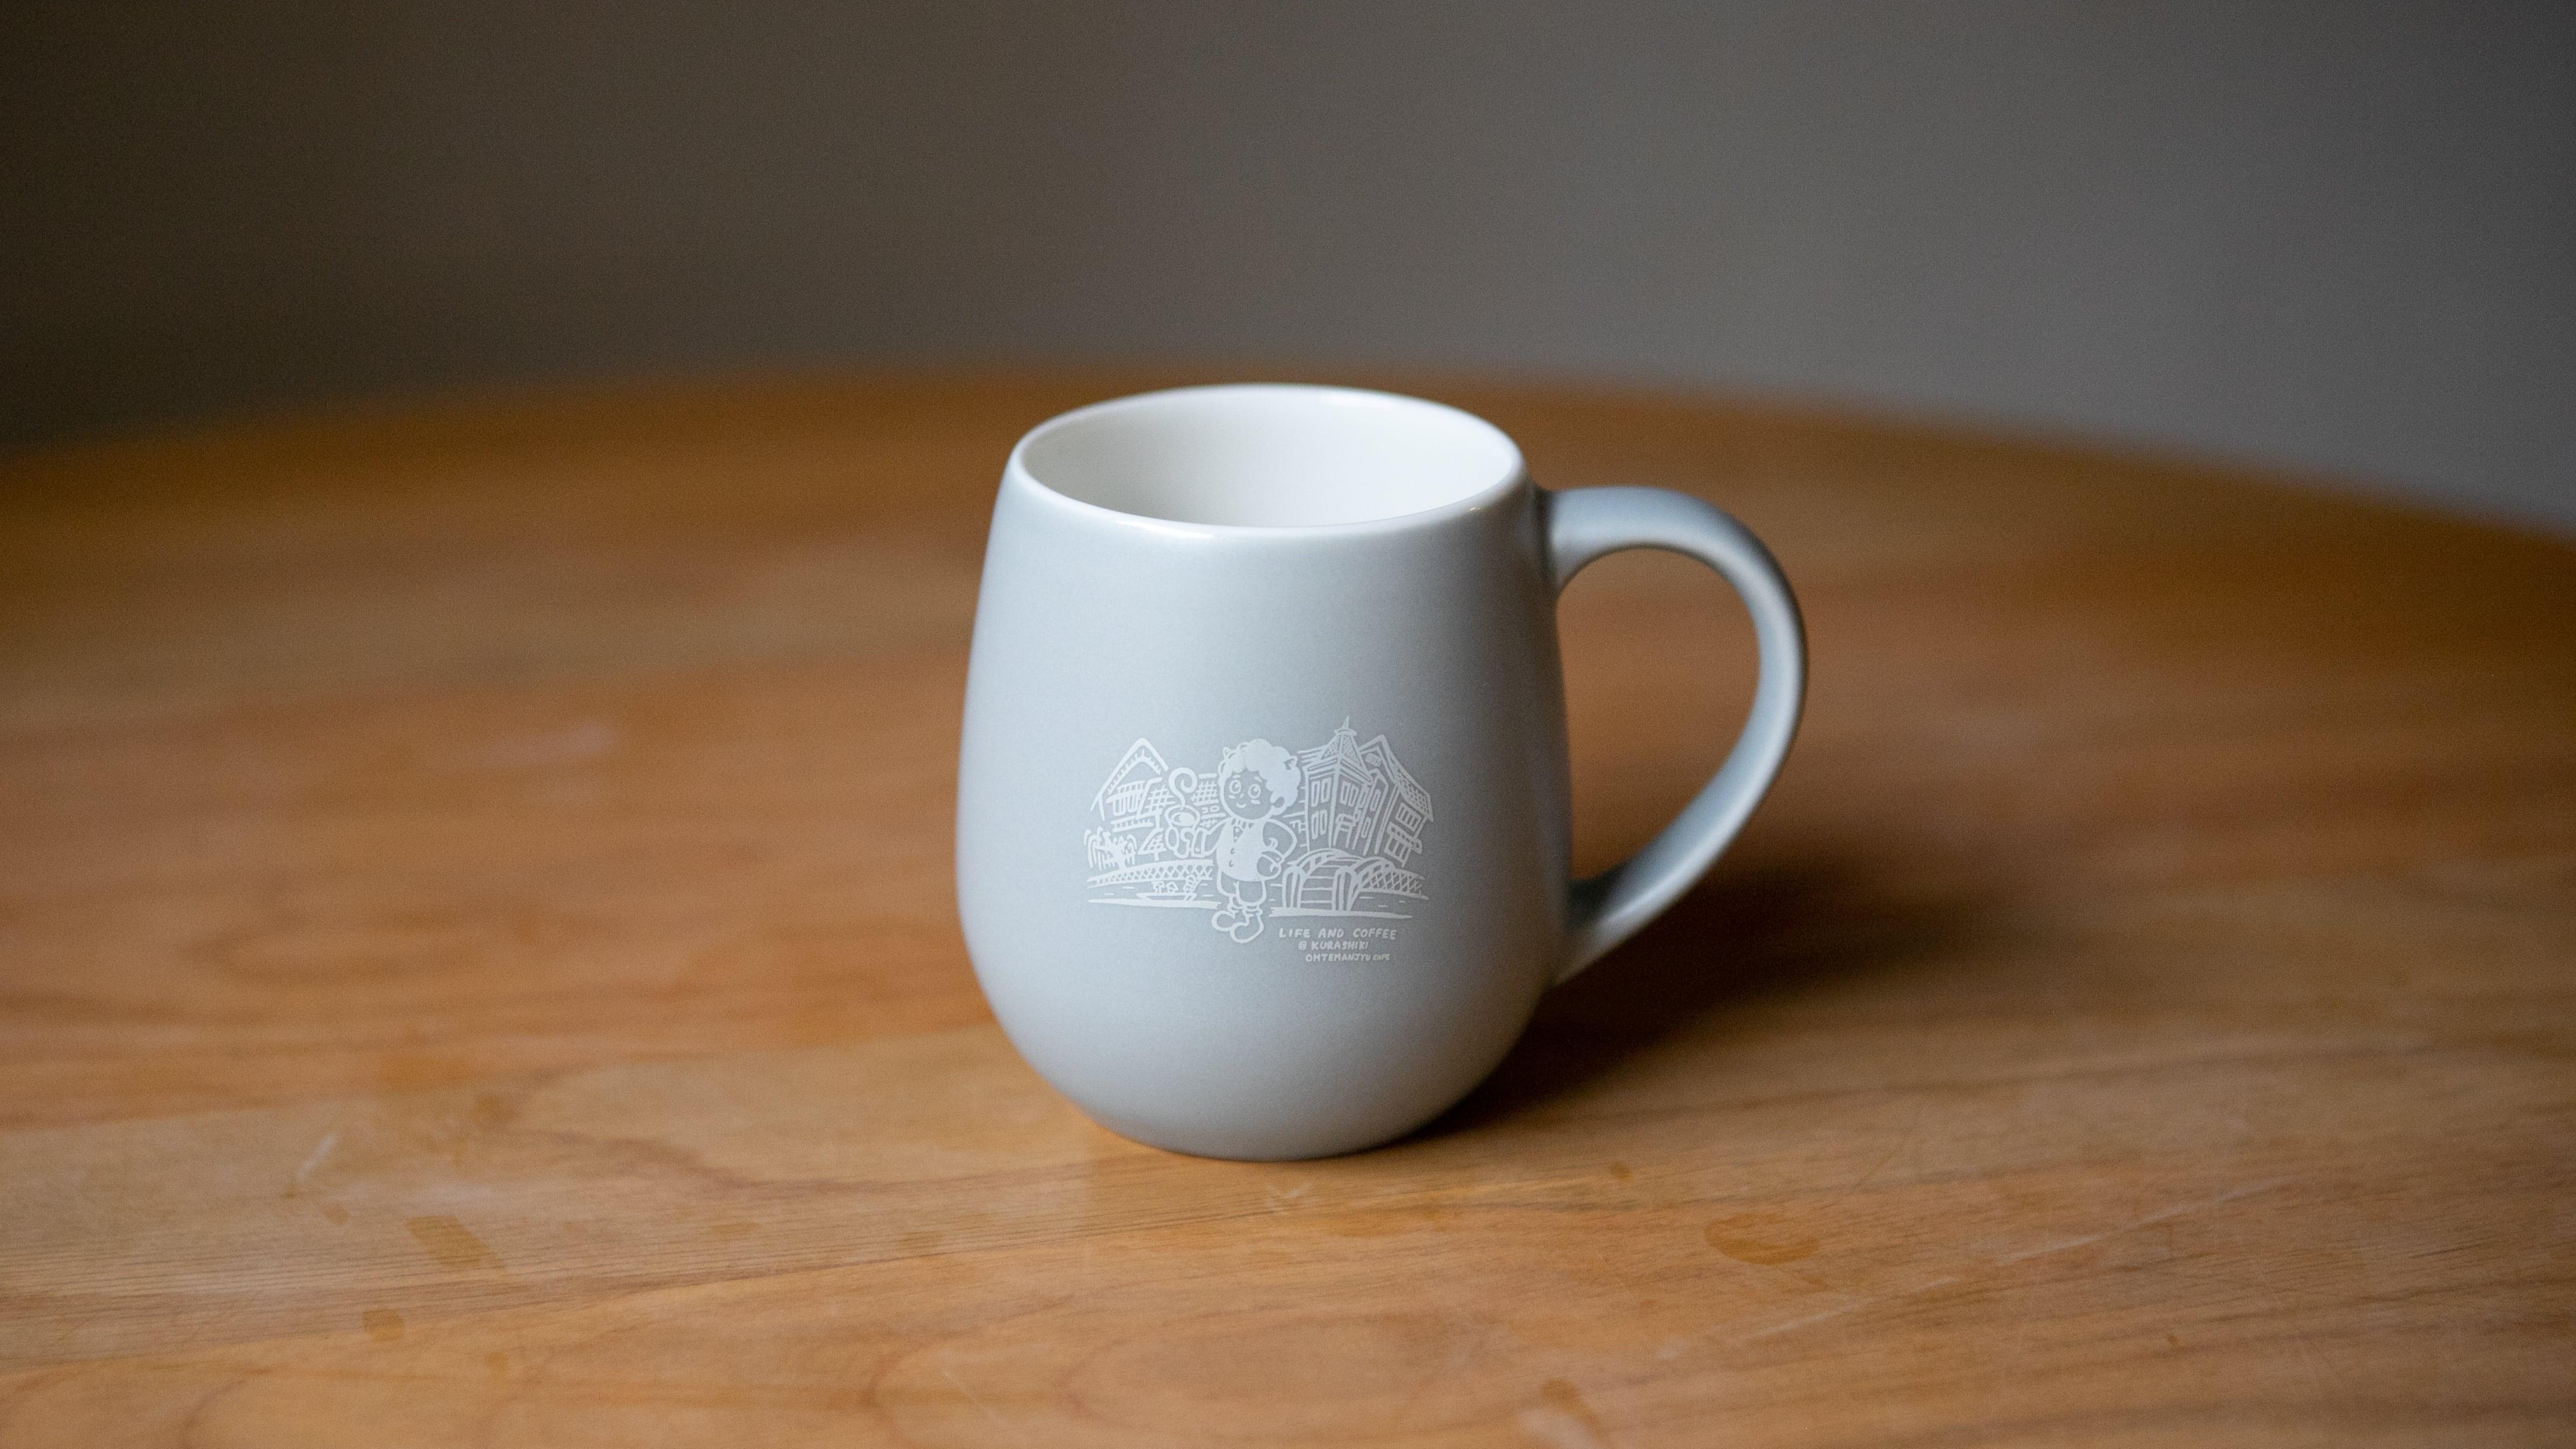 鬼ちゃんのマグカップ【マットグレー】※10/1(金)19時30分頃より販売開始となります。